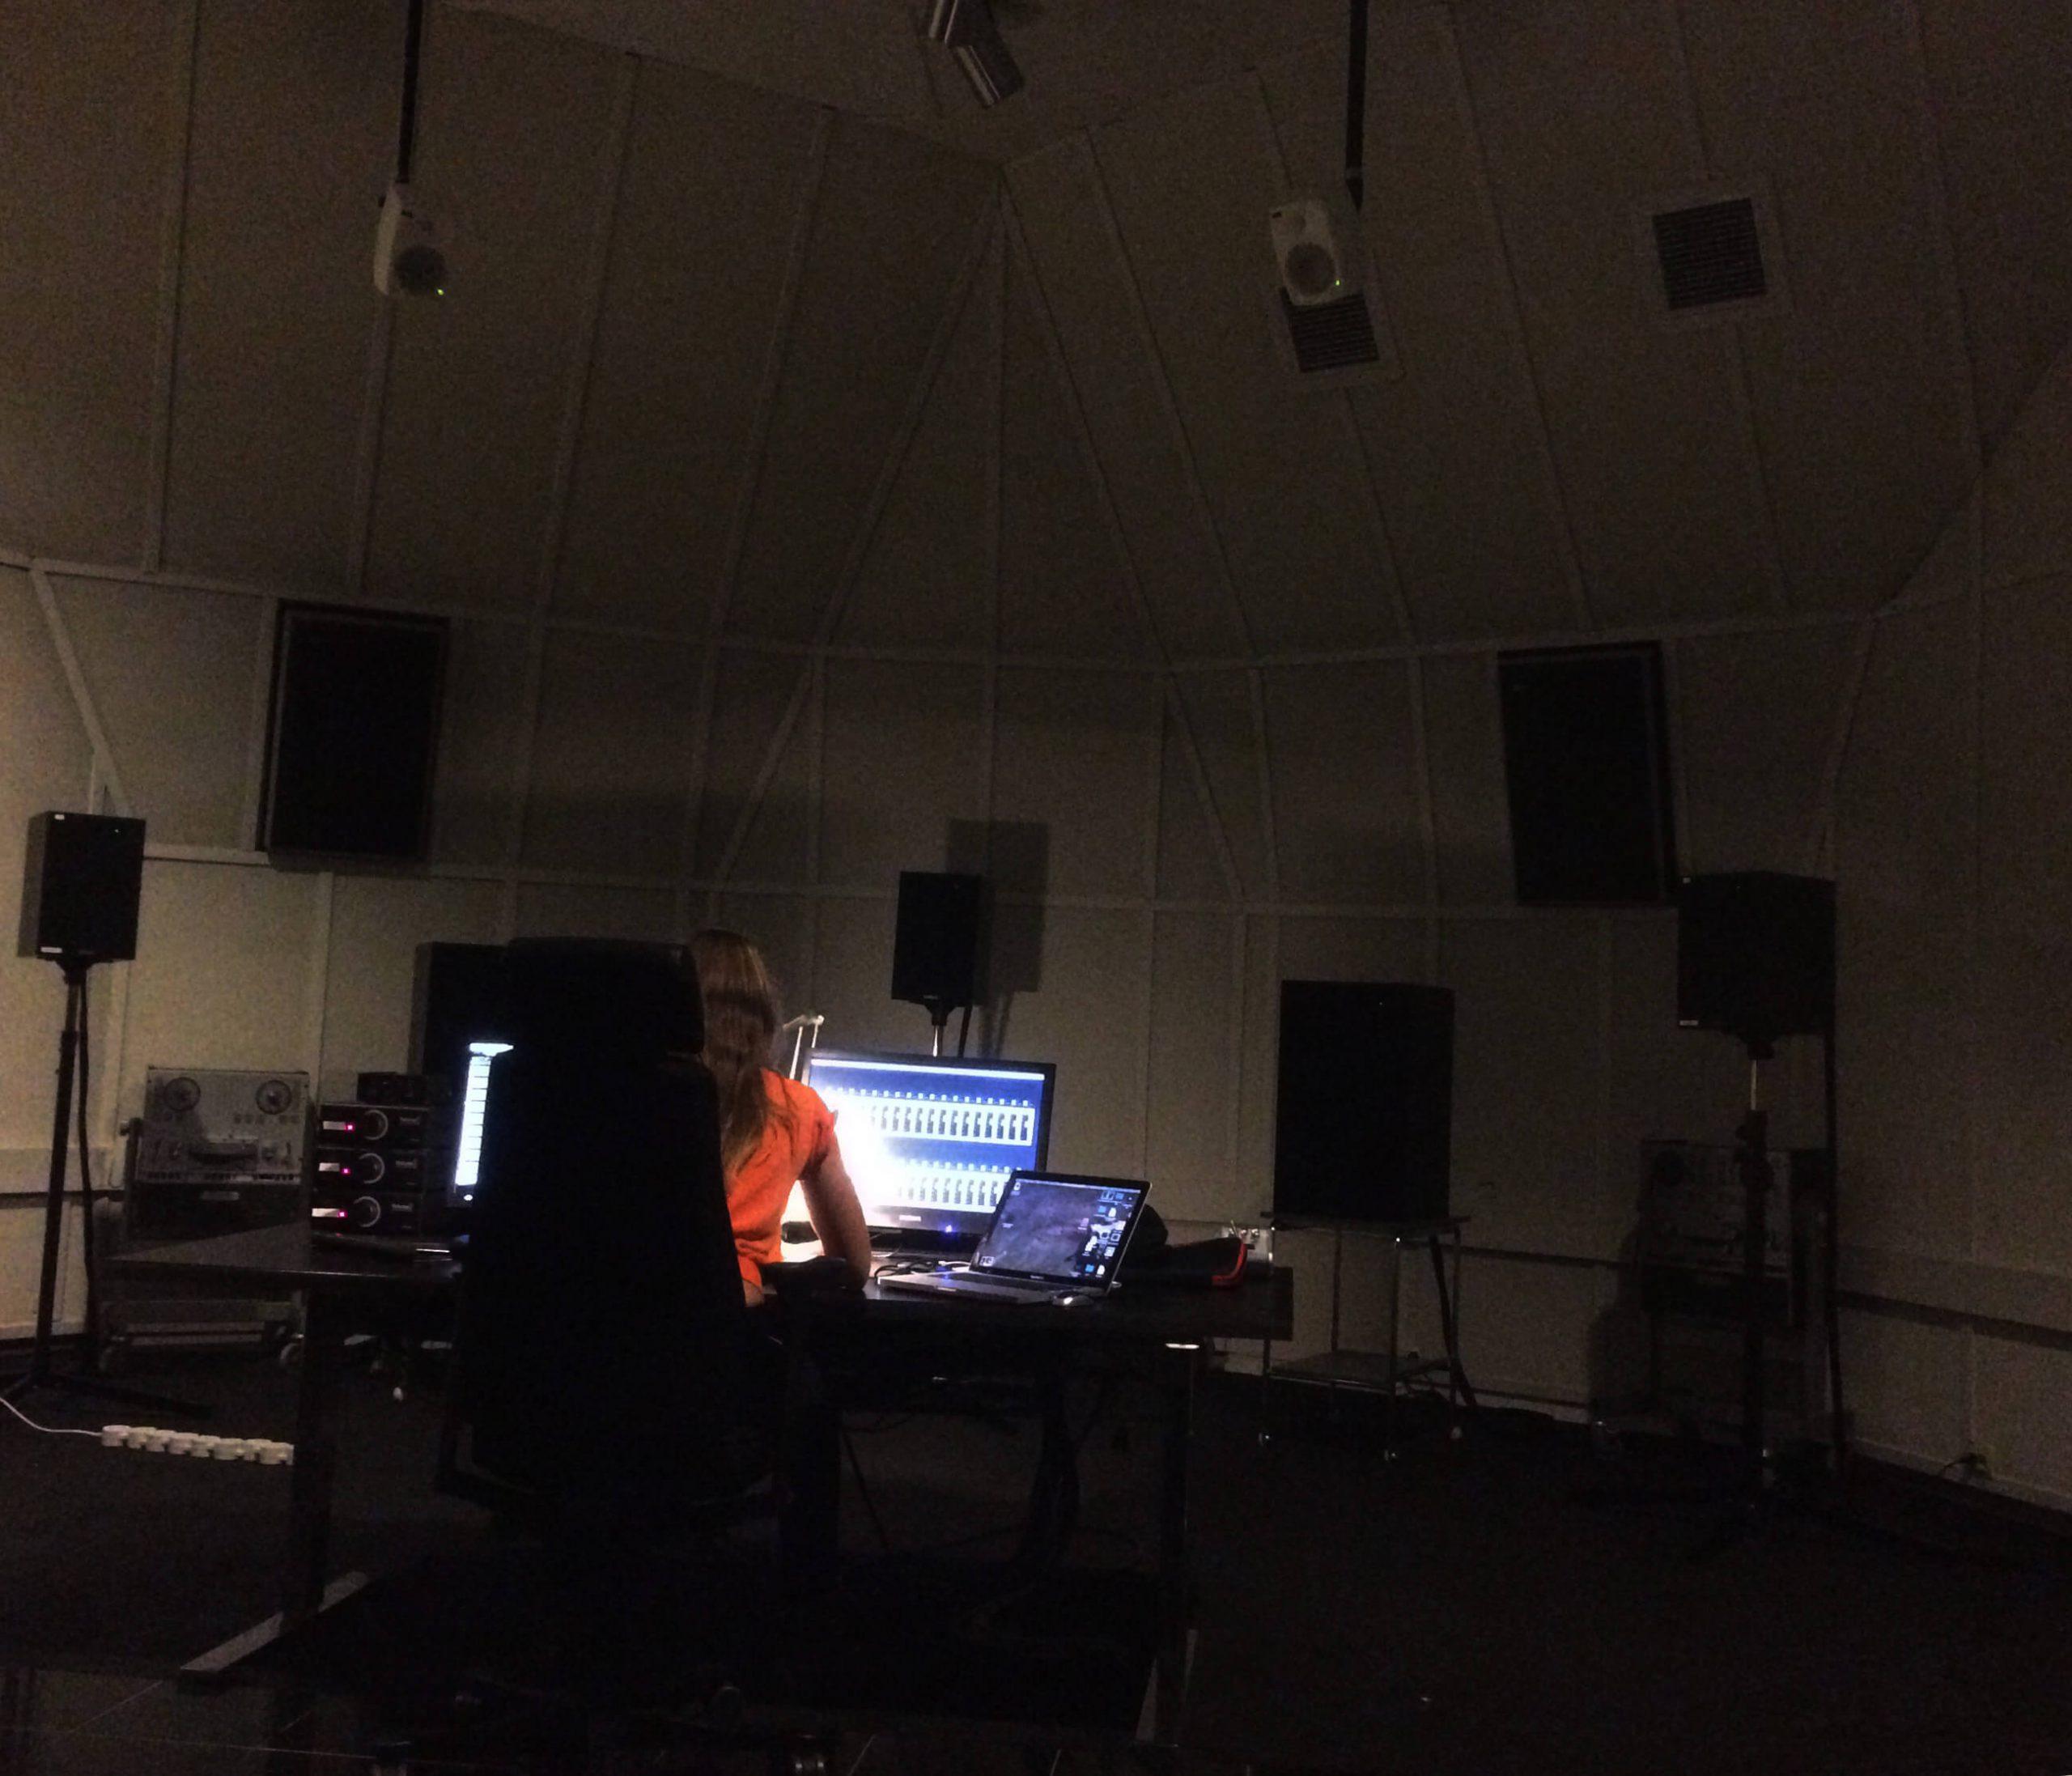 Aurélie at EMS (Elektronmusikstudion)